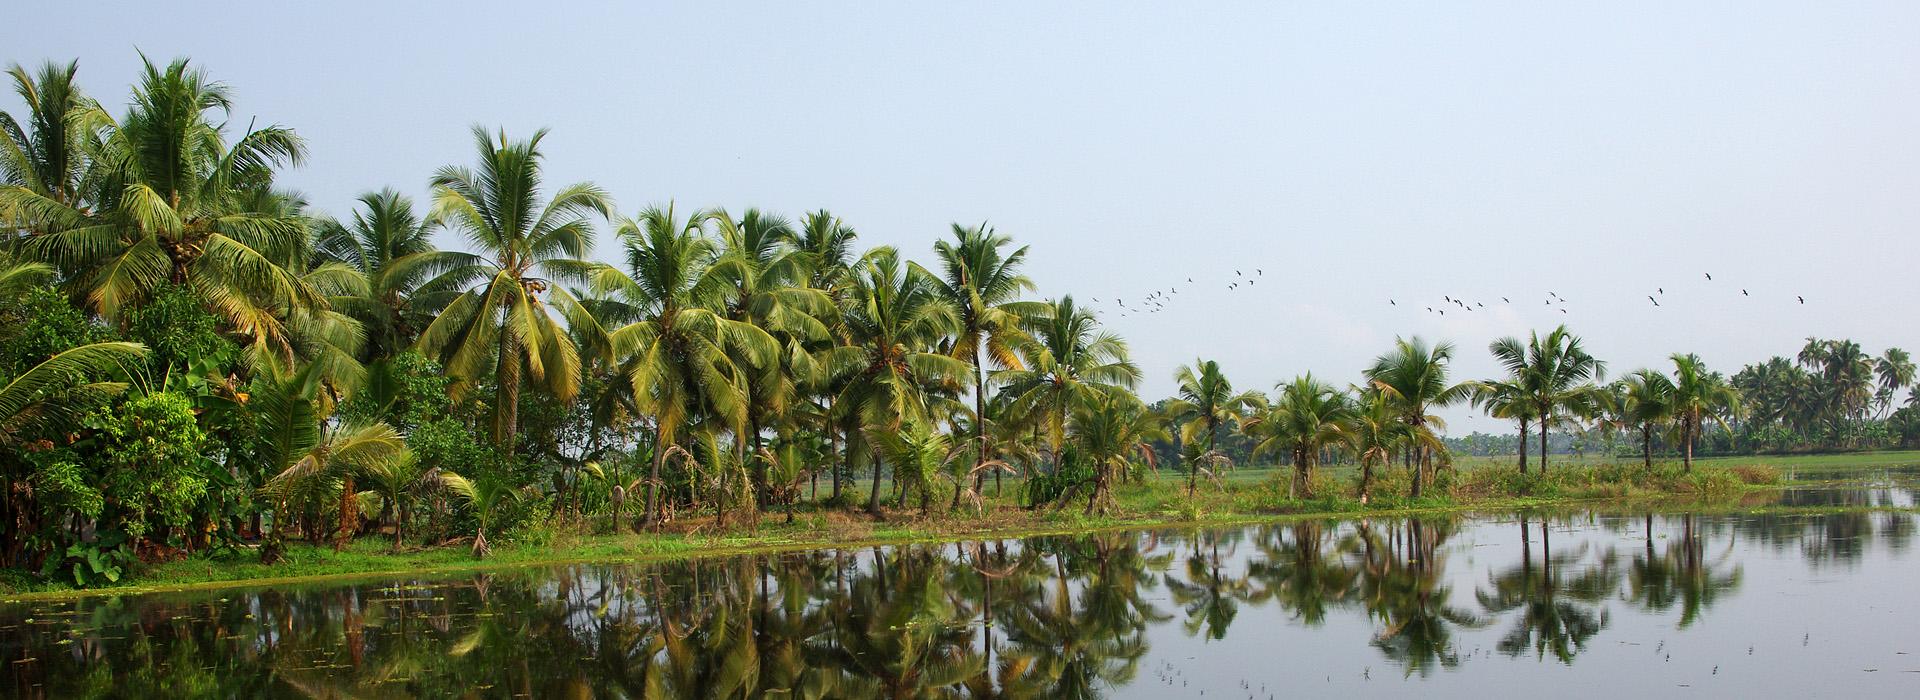 Motorreis Zuid India voor de avontuurlijke motorrijder die ook kan genieten van de culturele rijkdom van Zuid-India. Een motorreis van Travel 2 Explore motorreizen